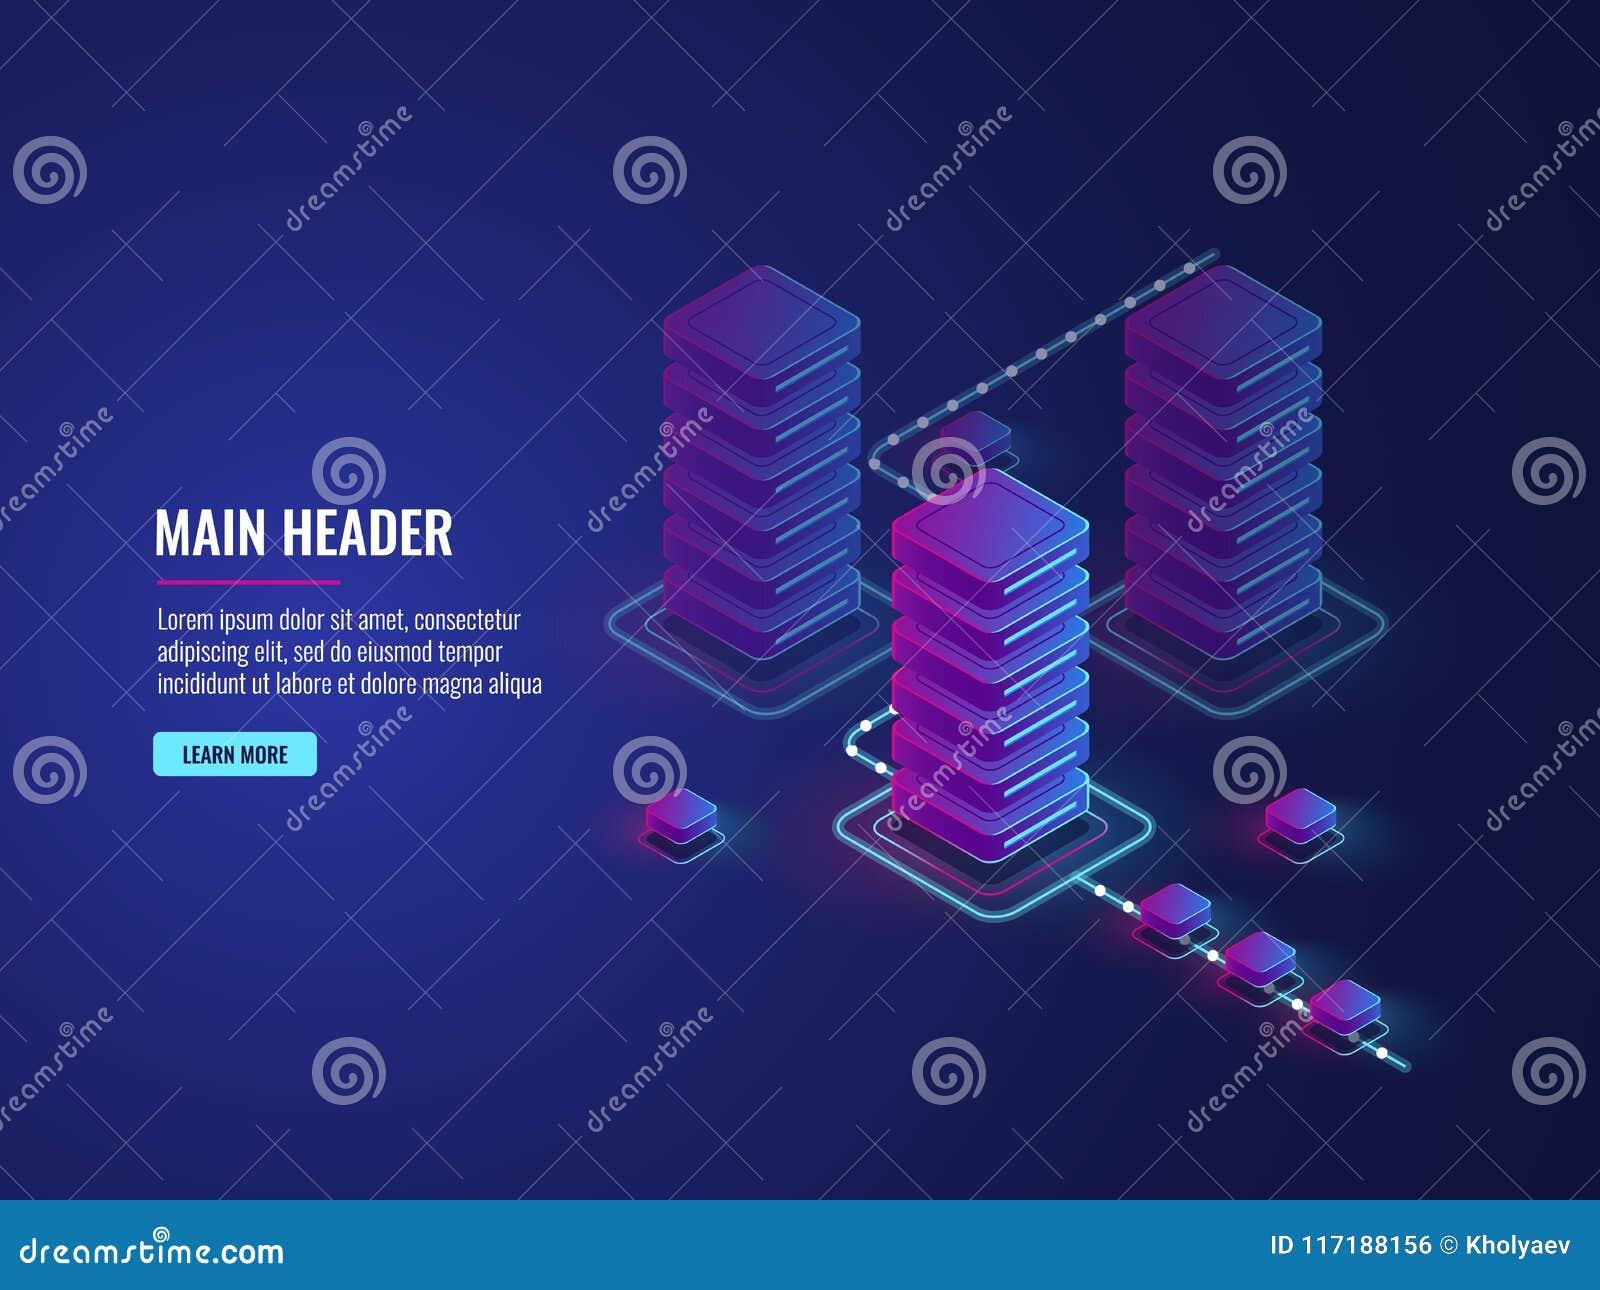 Elaborazione di flusso di dati, processo di crittografia e di protezione dei dati, stanza del server, centro dati e base di dati